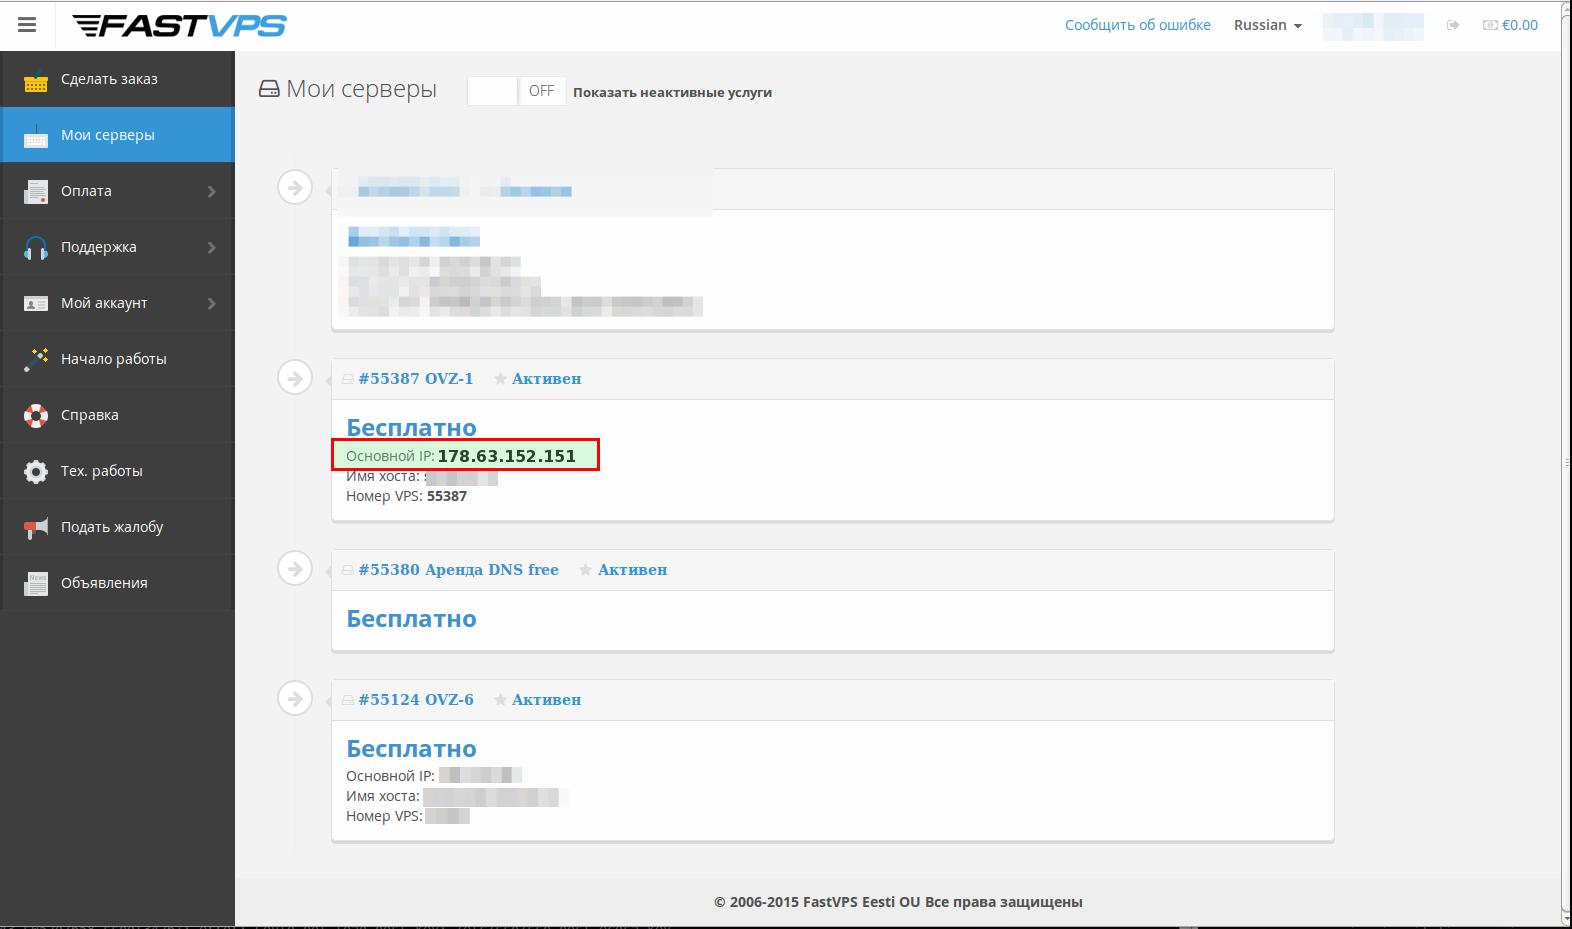 Прокси socks5 с динамической сменой IP mail.ru Свежие прокси для сбор e-mail адресов- Микс прокси socks5 для. элитные прокси с тестовым периодом для чека баз- рабочие прокси socks5 россии для накрутки